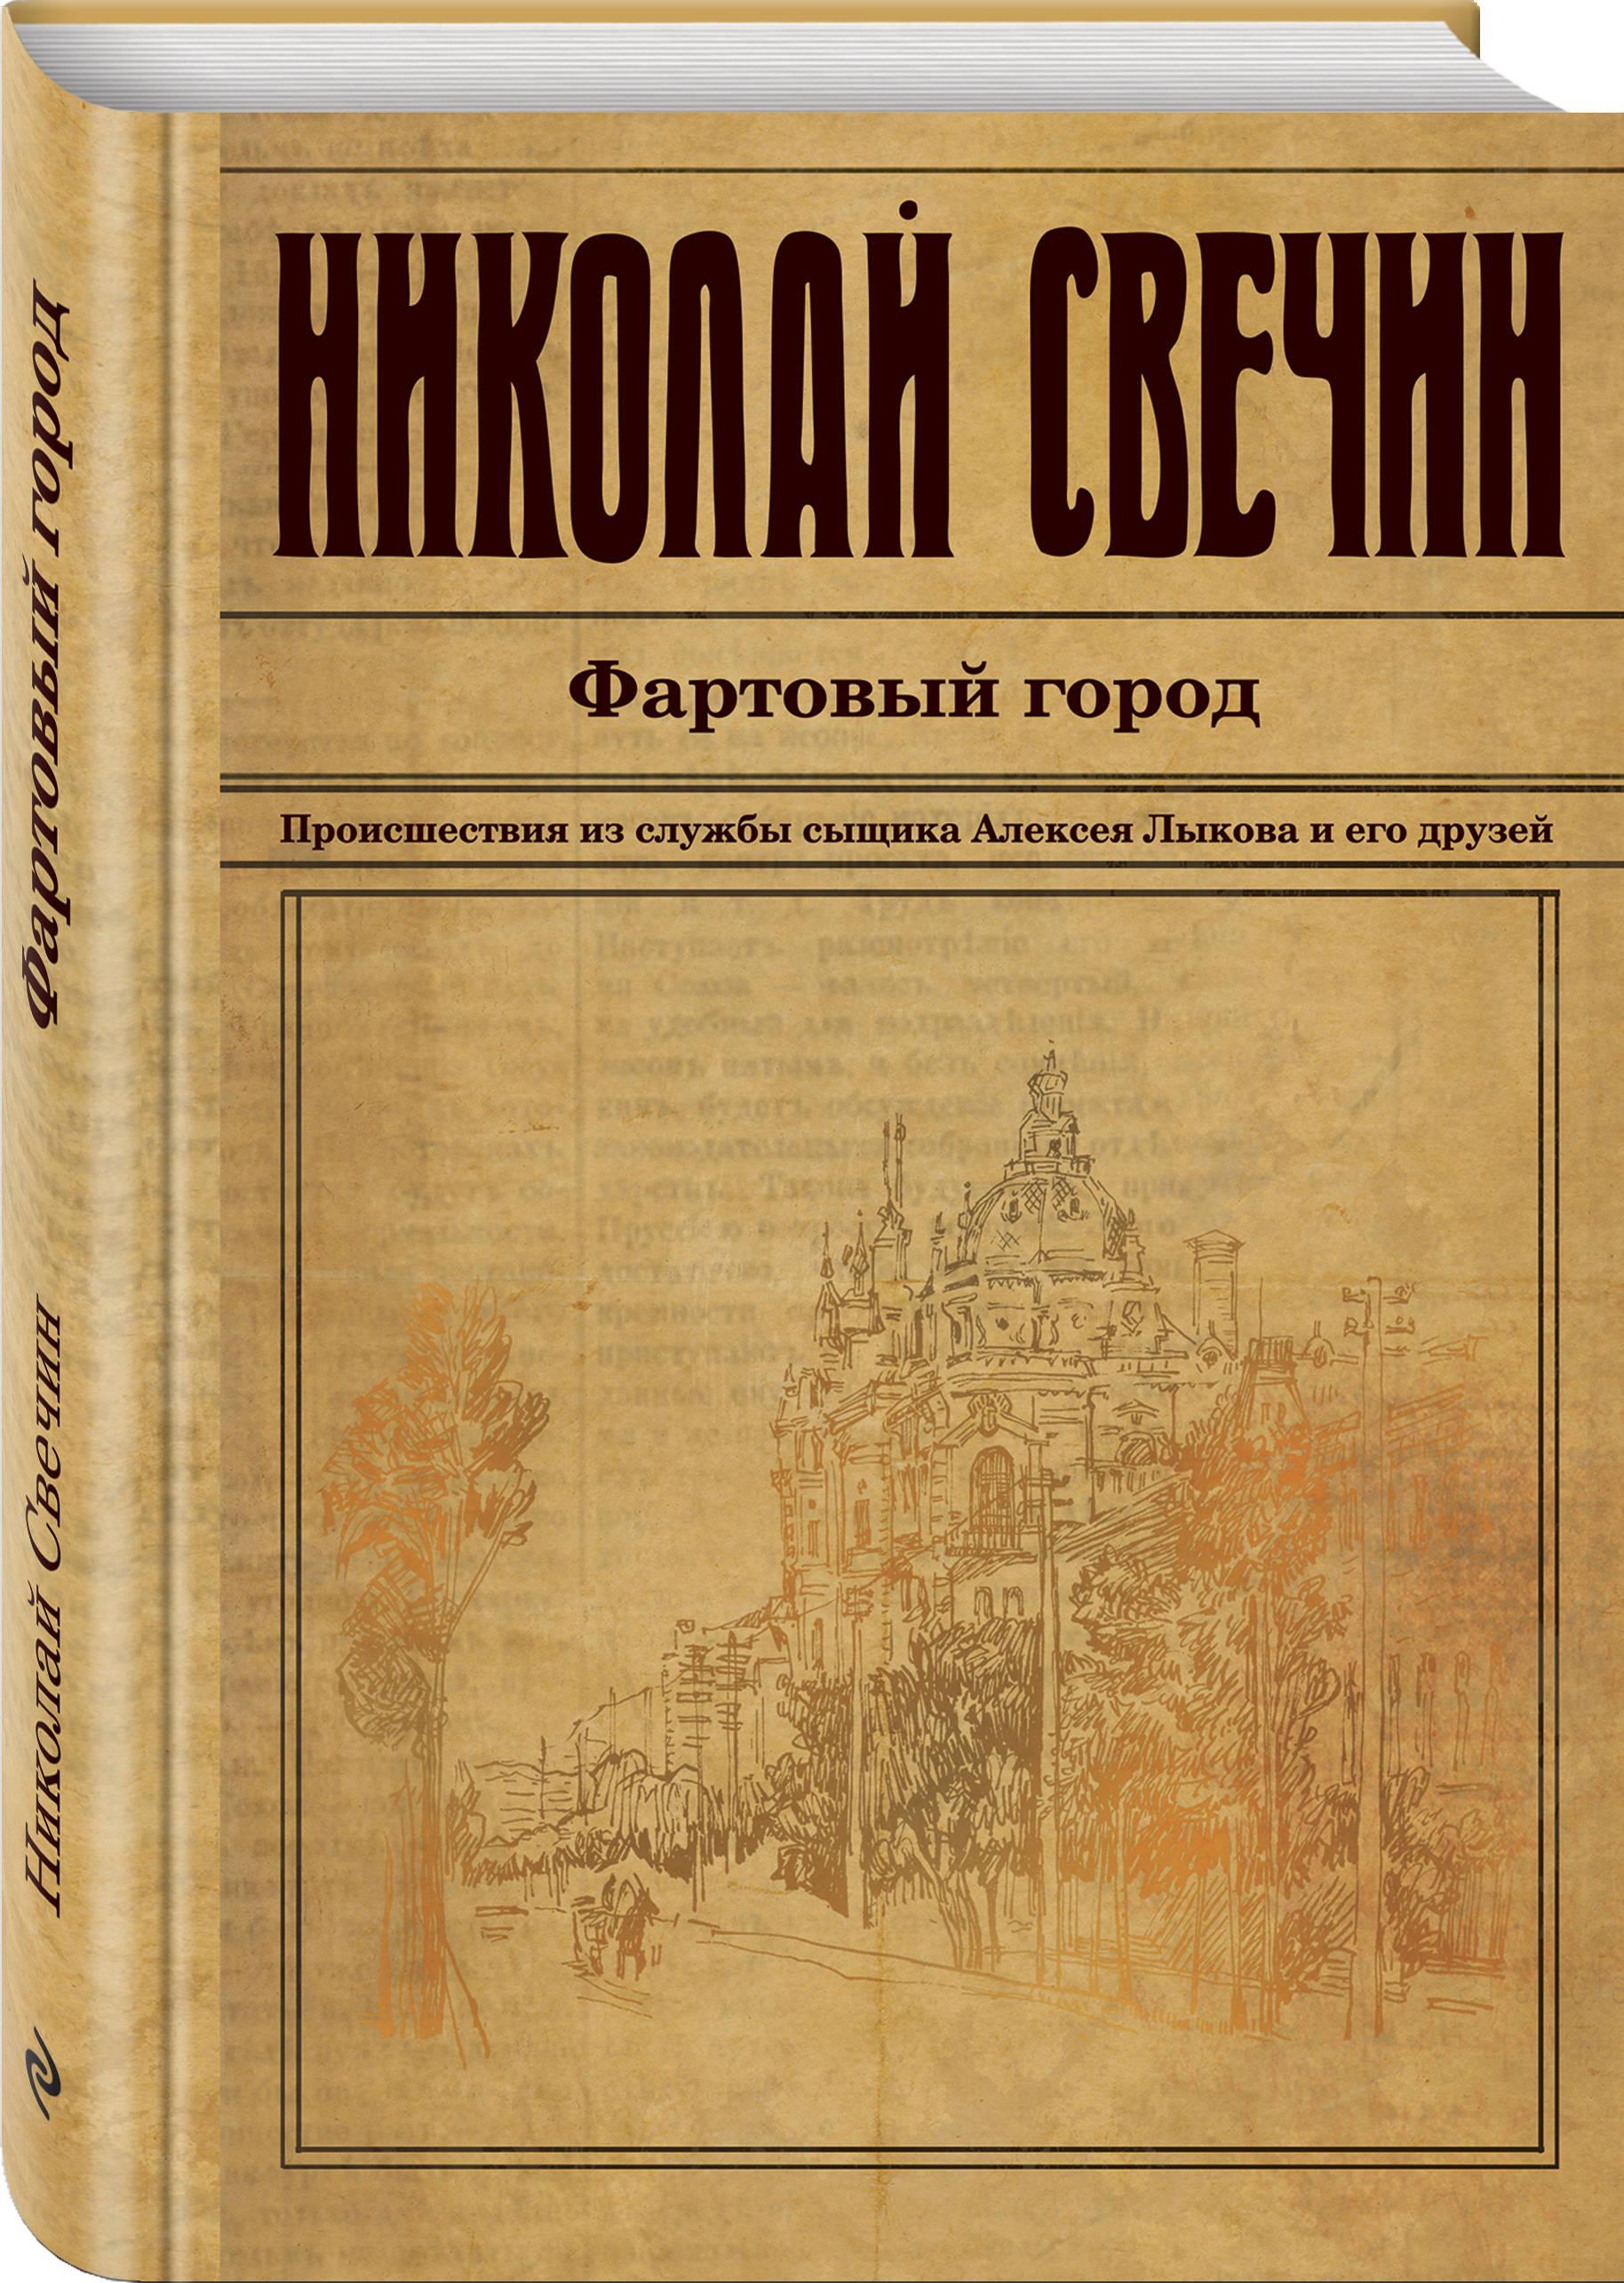 Свечин Н. Фартовый город ISBN: 978-5-04-096505-2